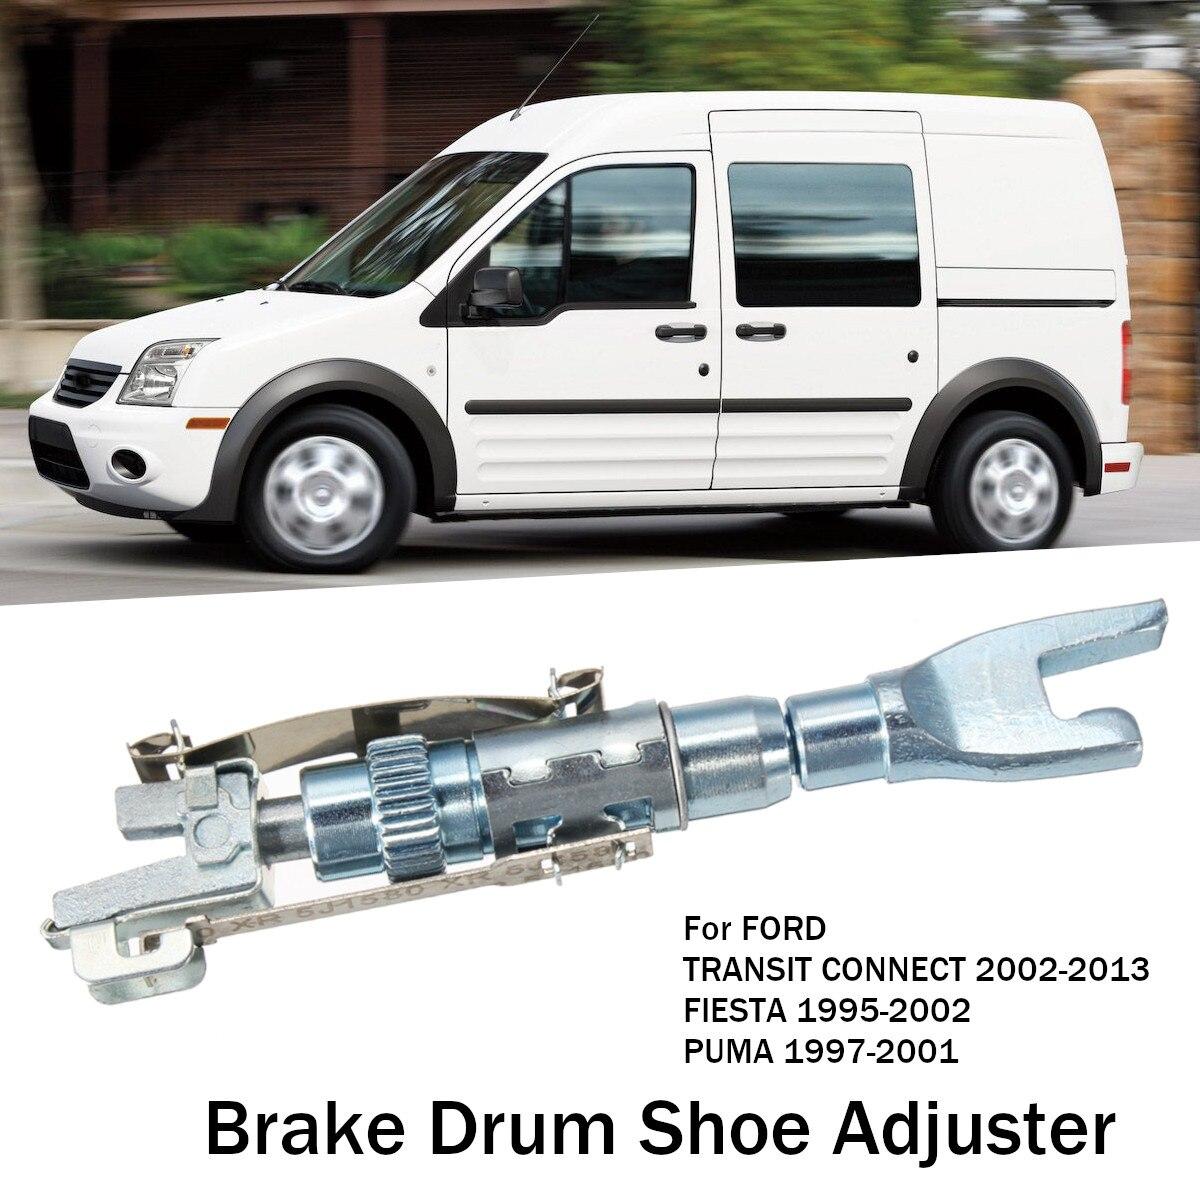 61 Ford Transit 280 Swb: Rear Brake Drum Shoe Shoes Adjuster 1522225 2S61 2K286 AB